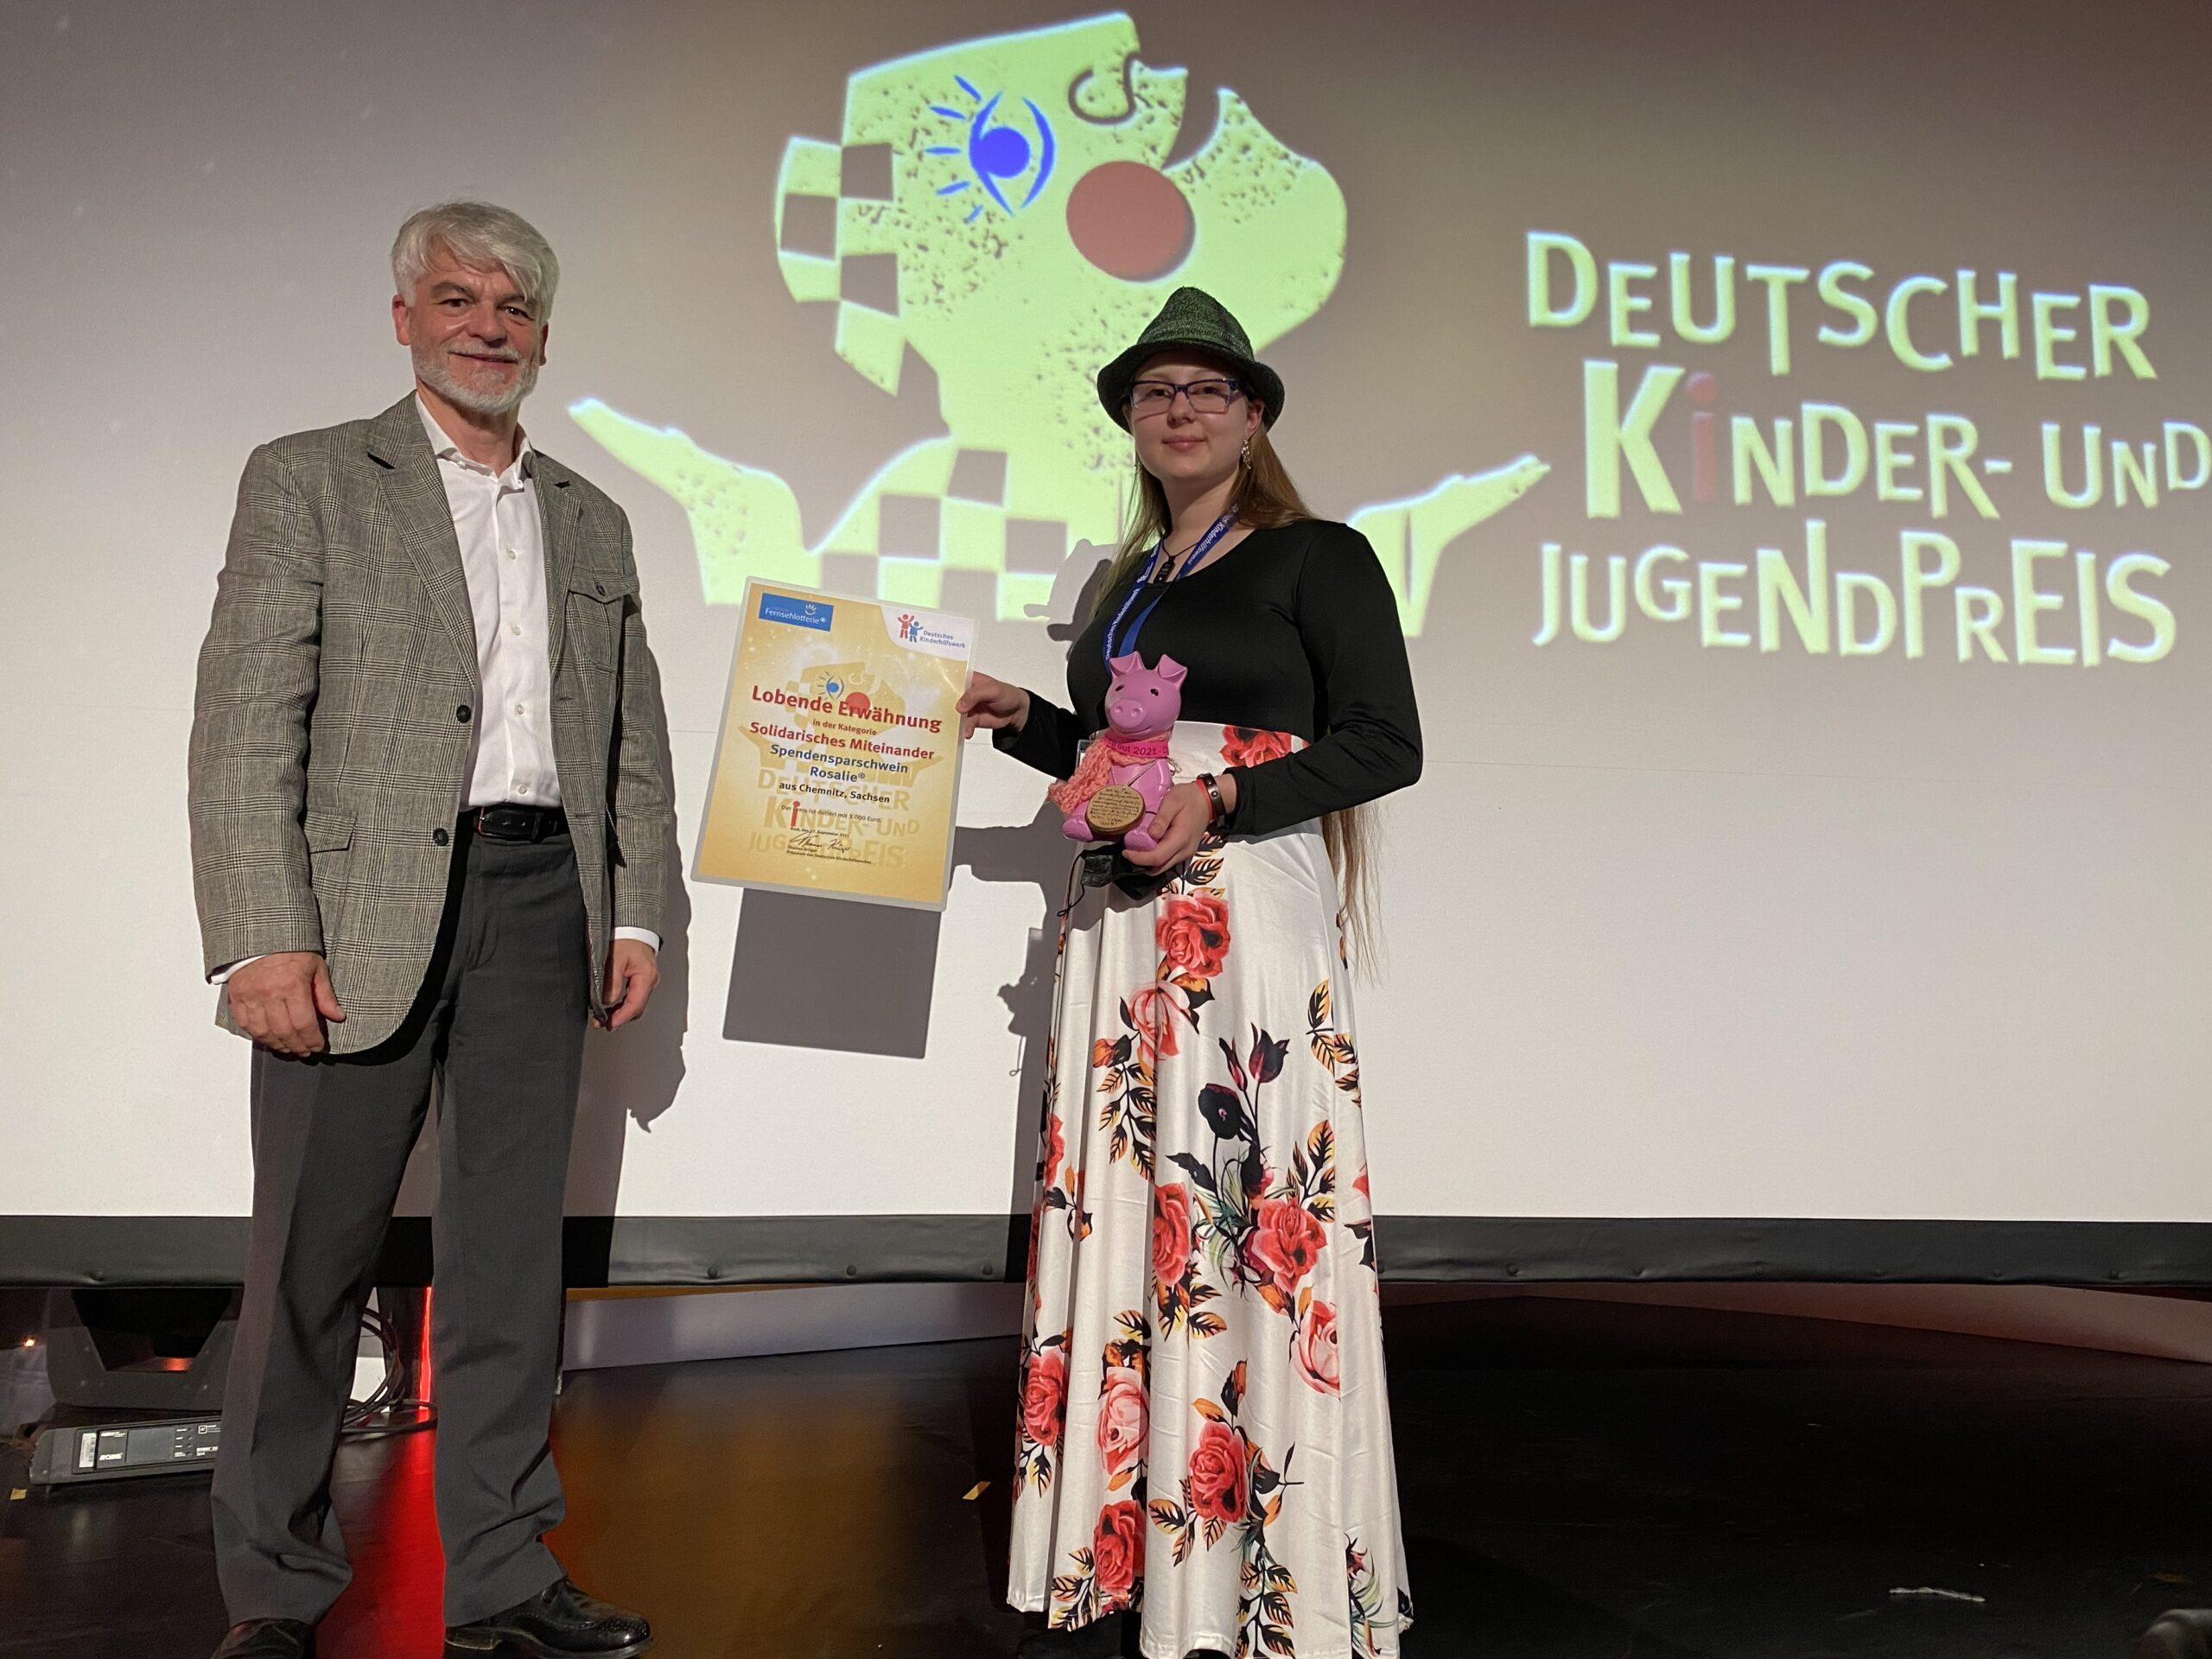 """Christian Kipper mit Janice vom Projekt """"Spendensparschwein Rosalie"""", der Gewinnerin der """"Lobenden Erwähnung"""" in der Kategorie Solidarisches Miteinander."""